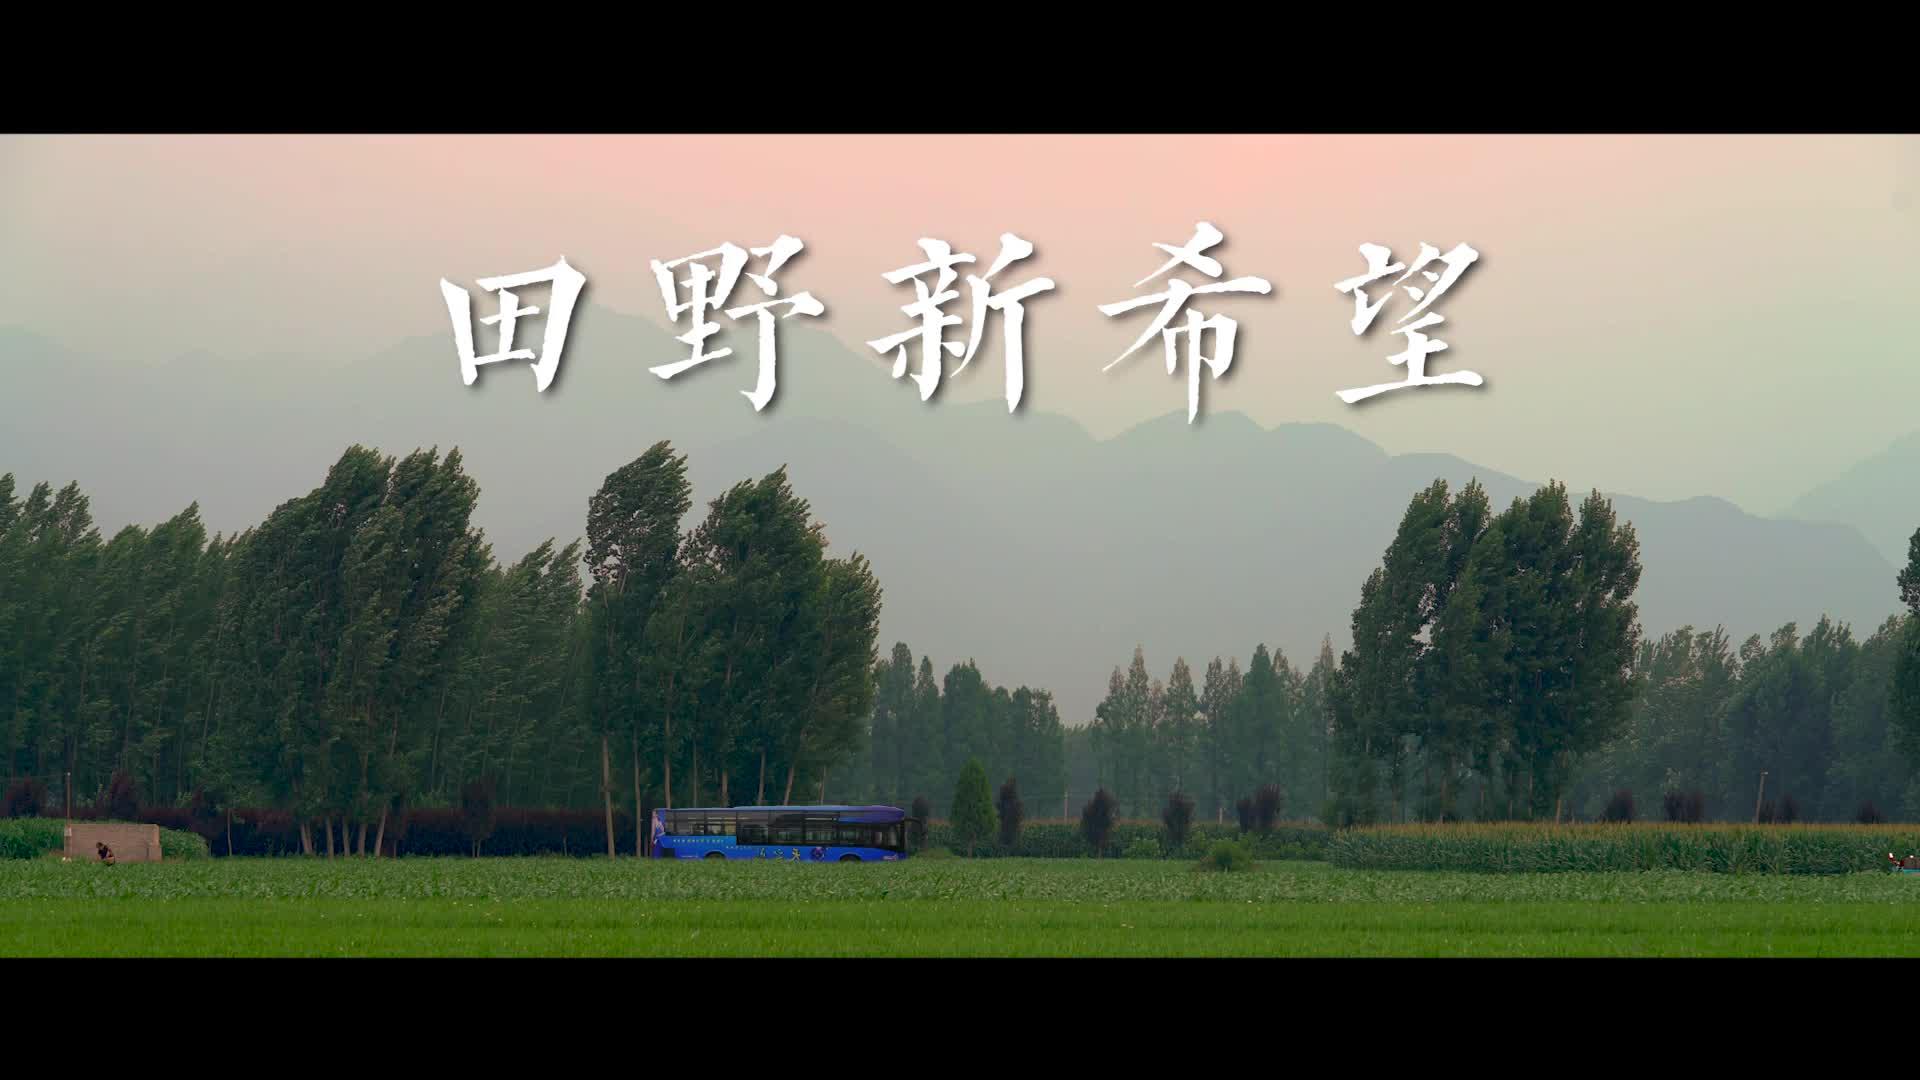 微电影《田野新希望 》